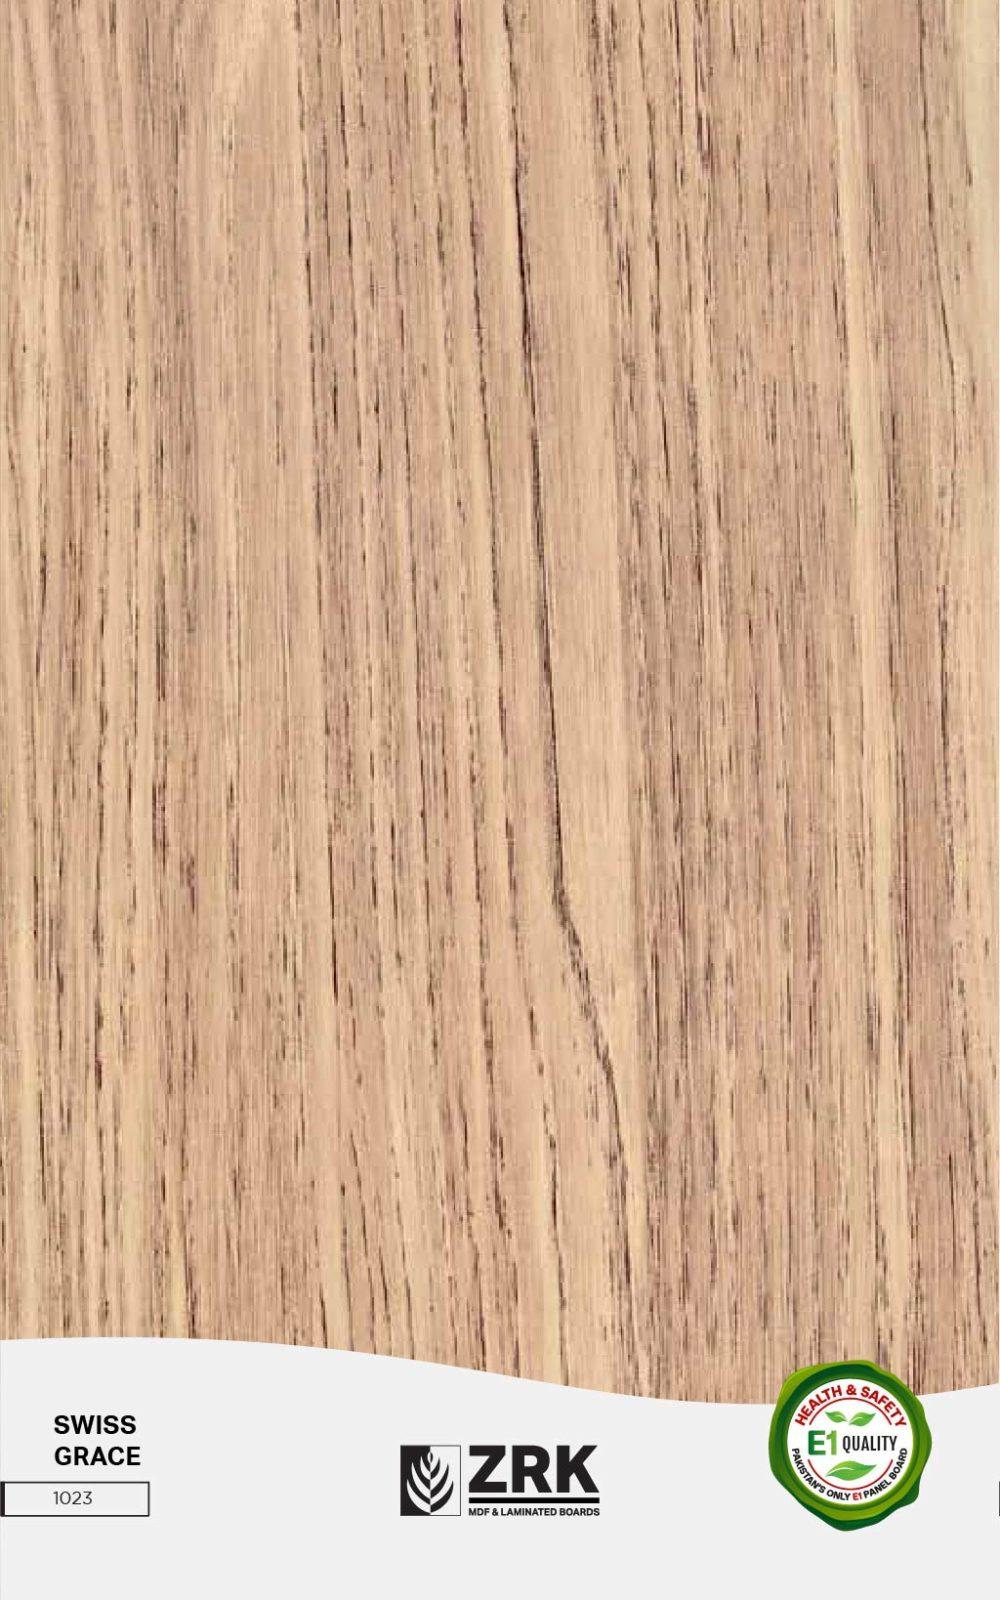 Swiss Grace - Wood Grain - 1023